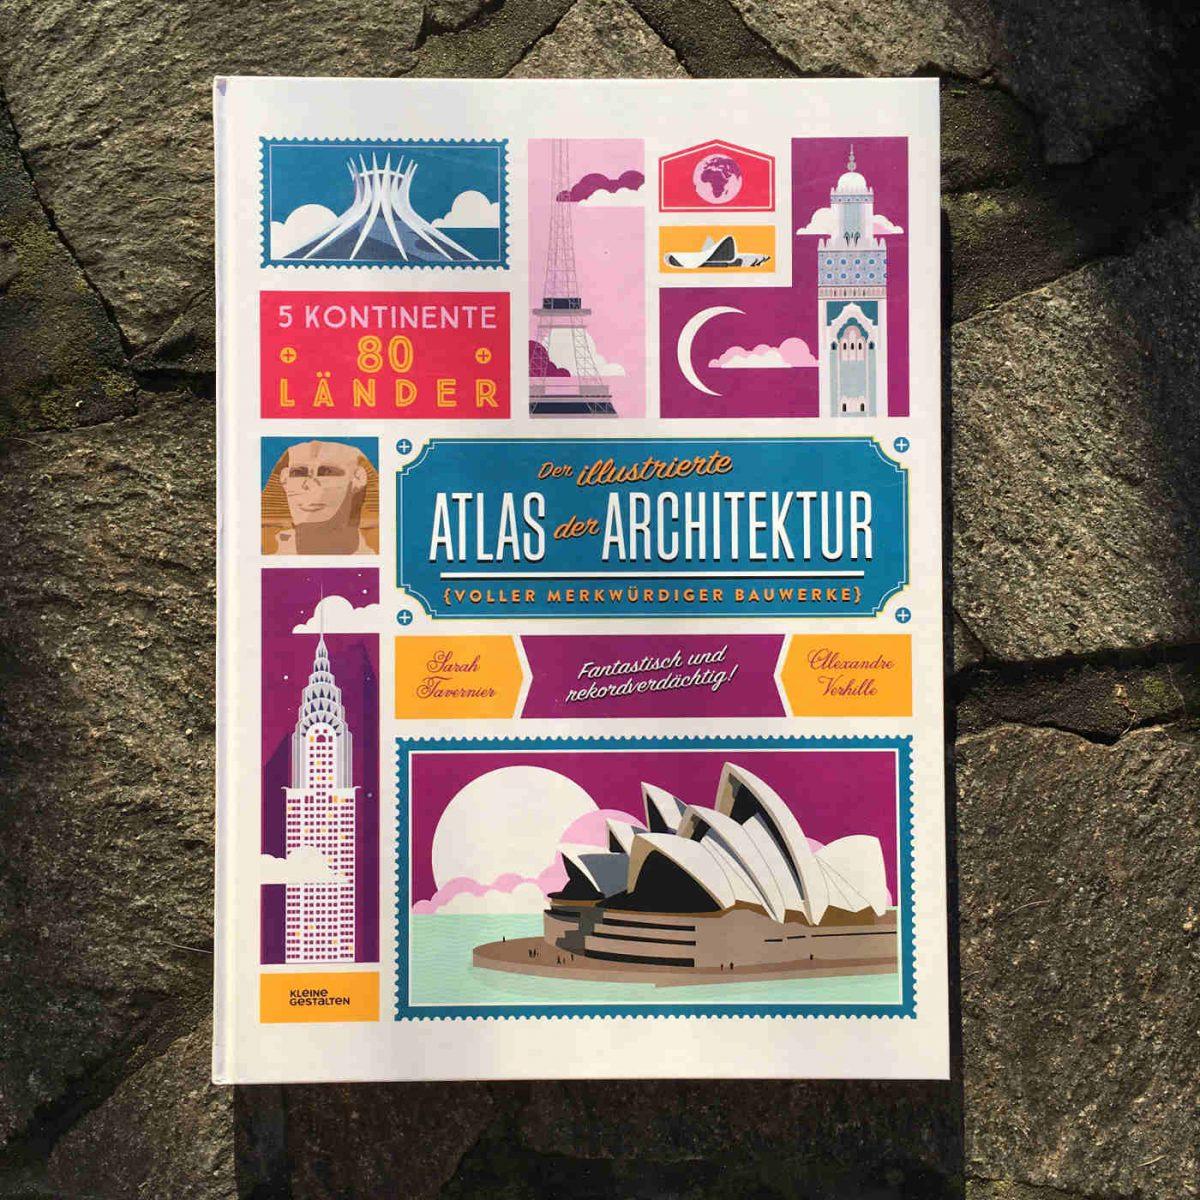 Sarah Tavernier und Alexandre Verhille: Der illustrierte Atlas der Architektur (voller merkwürdiger Bauwerke)